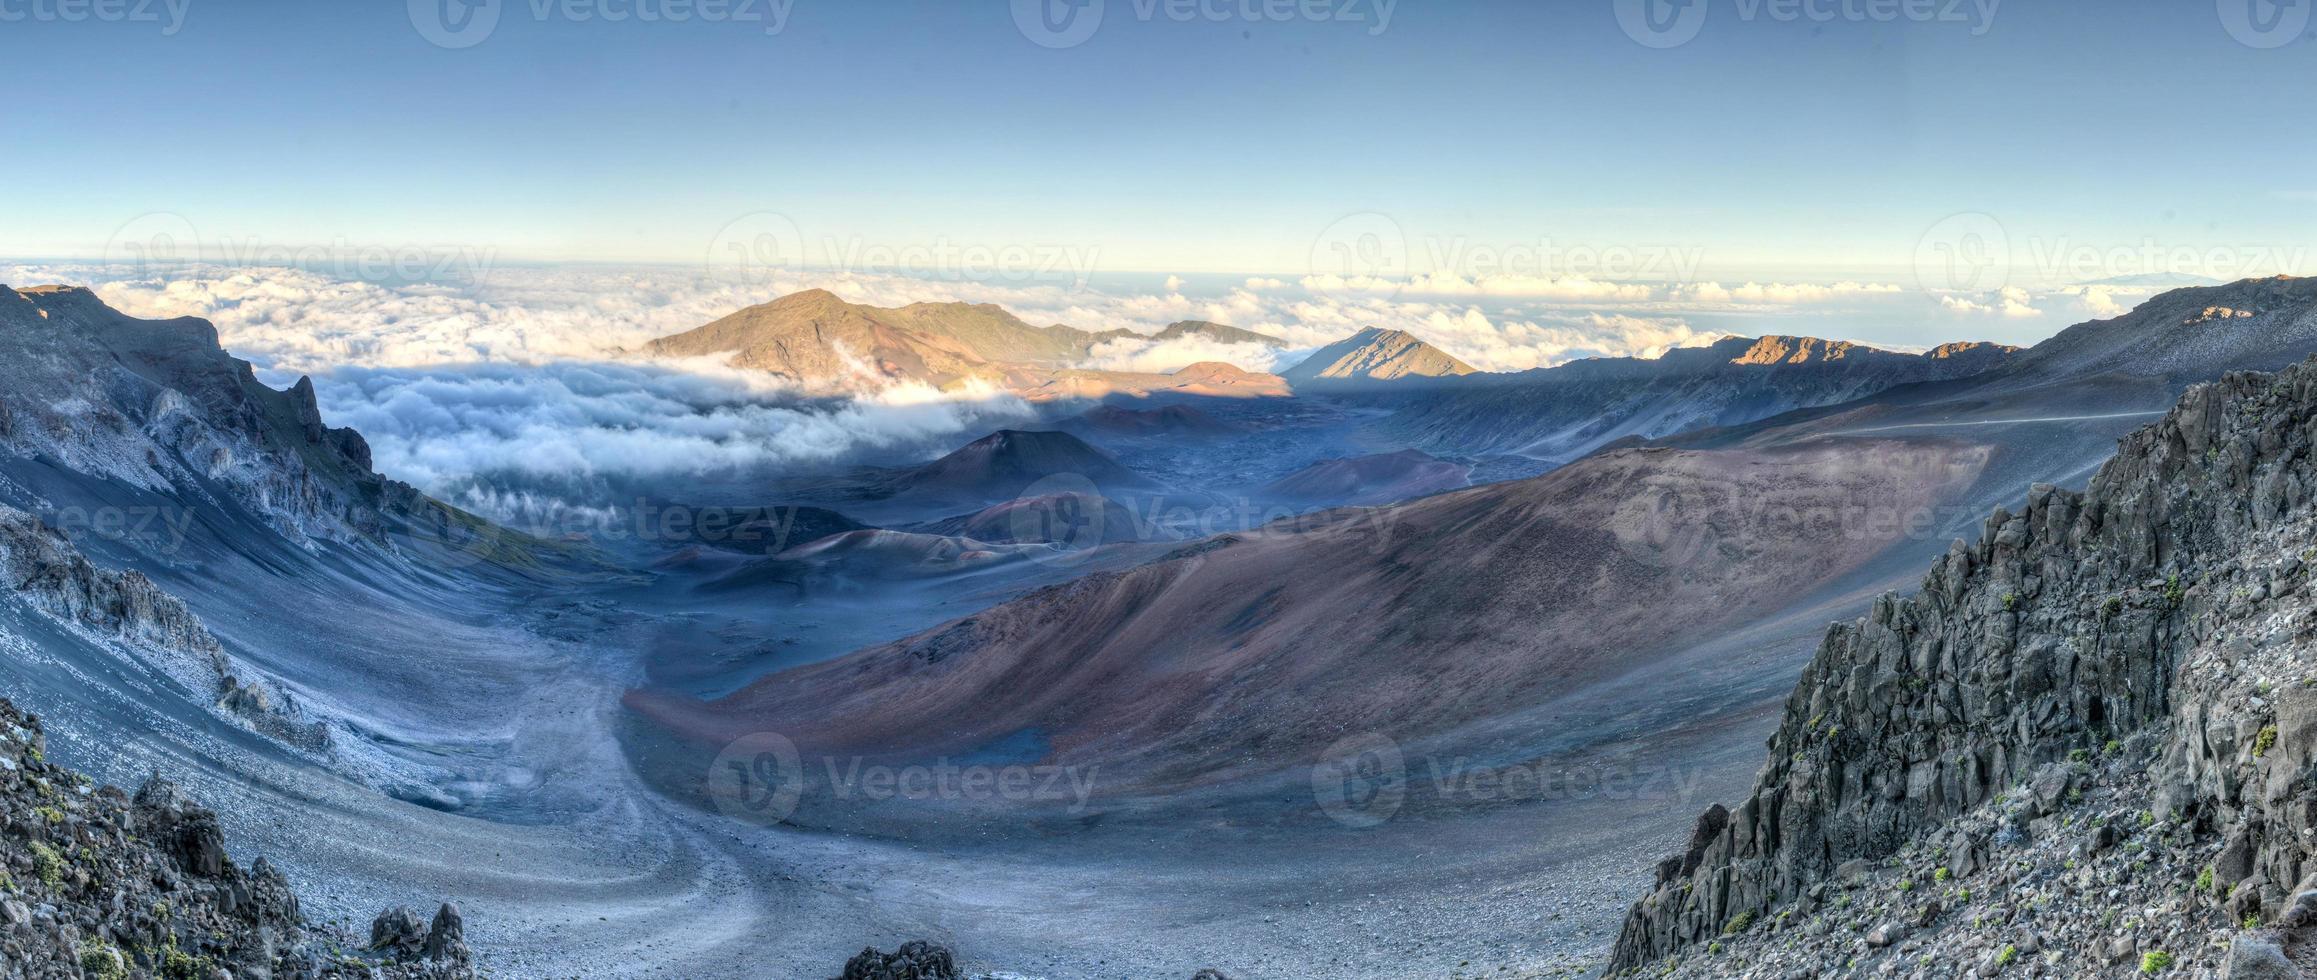 Caldera des Haleakala-Vulkans (Maui, Hawaii) foto